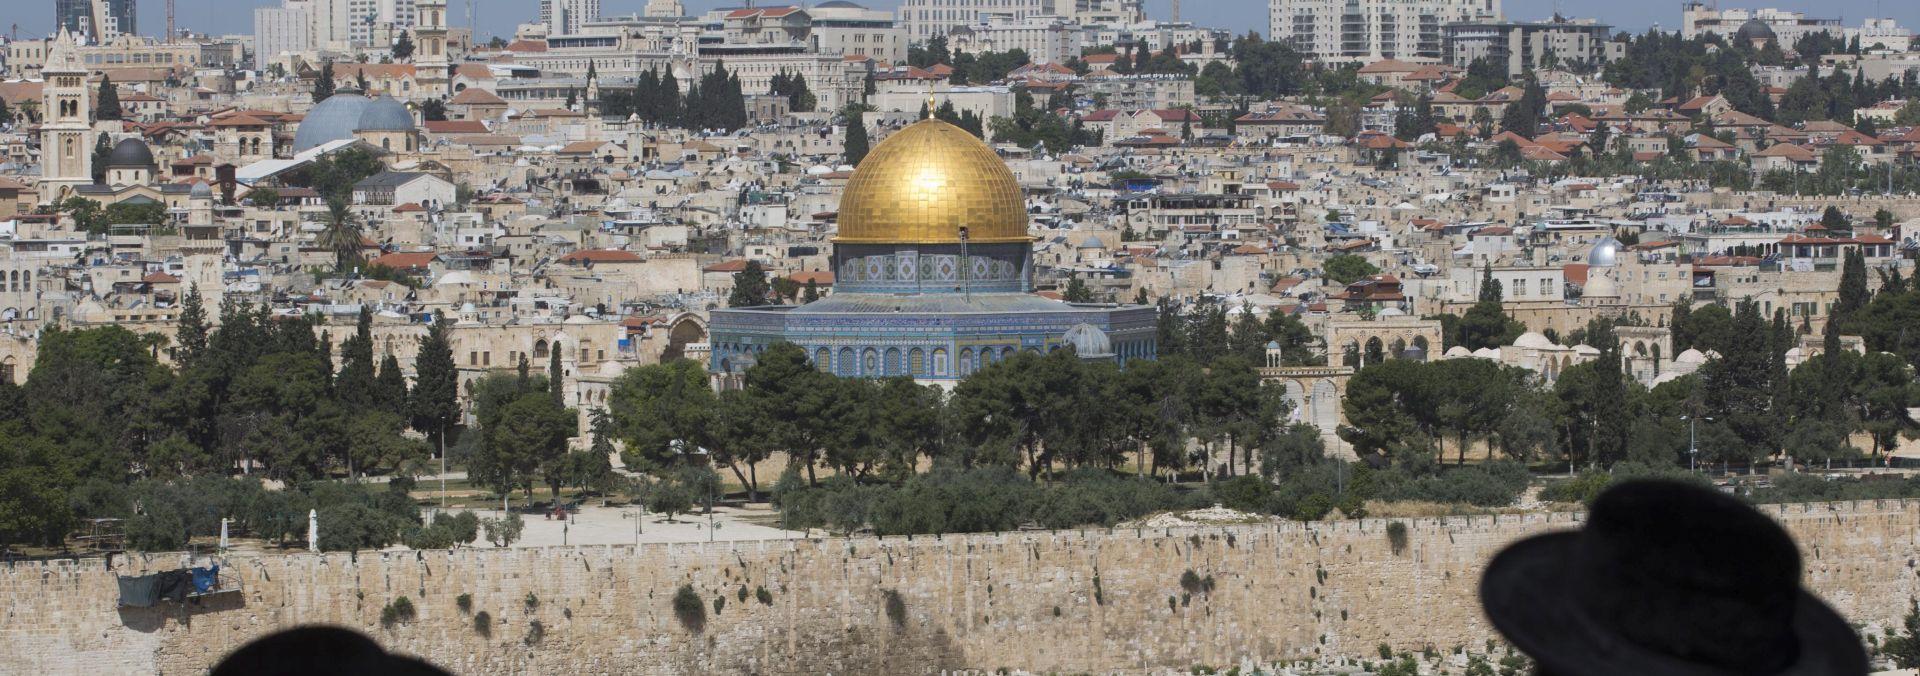 Arapska liga upozorava da bi Trumpovo priznavanje Jeruzalema razbuktalo nasilje